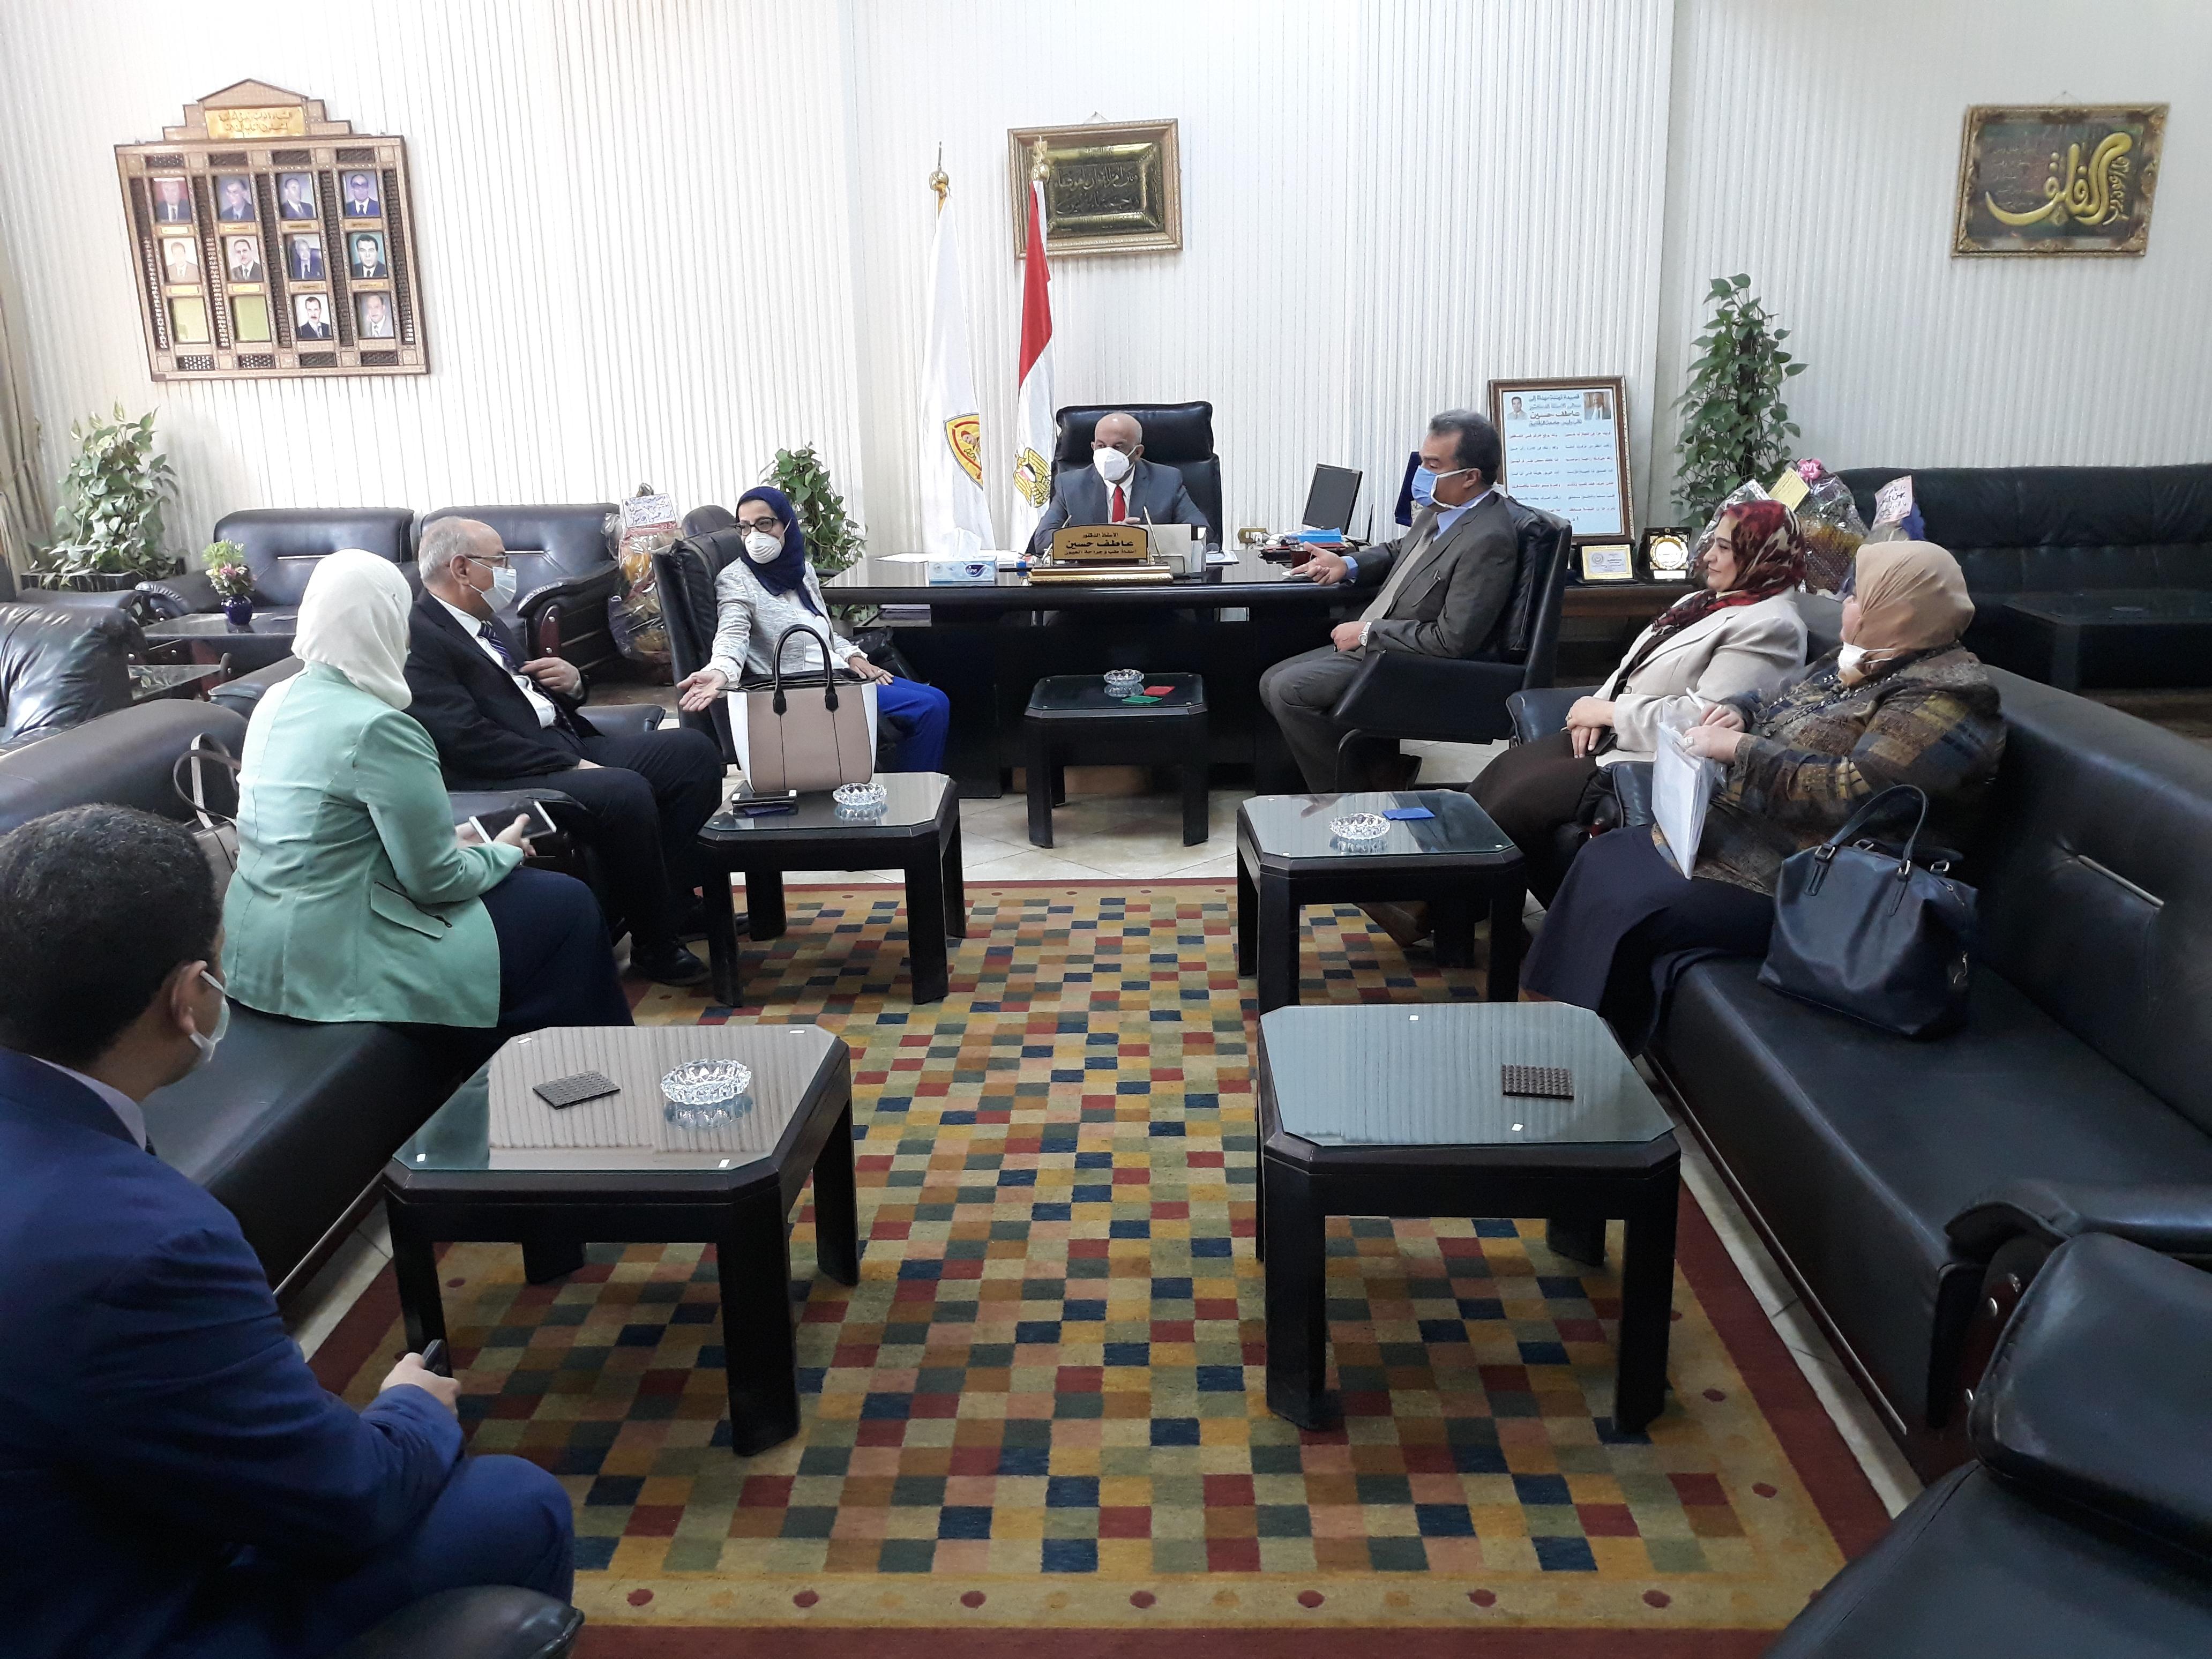 بدء فعاليات الزيارات الميدانية لأعضاء الهيئة القومية لضمان جودة التعليم والإعتماد في كلية الطب البشري جامعة الزقازيق